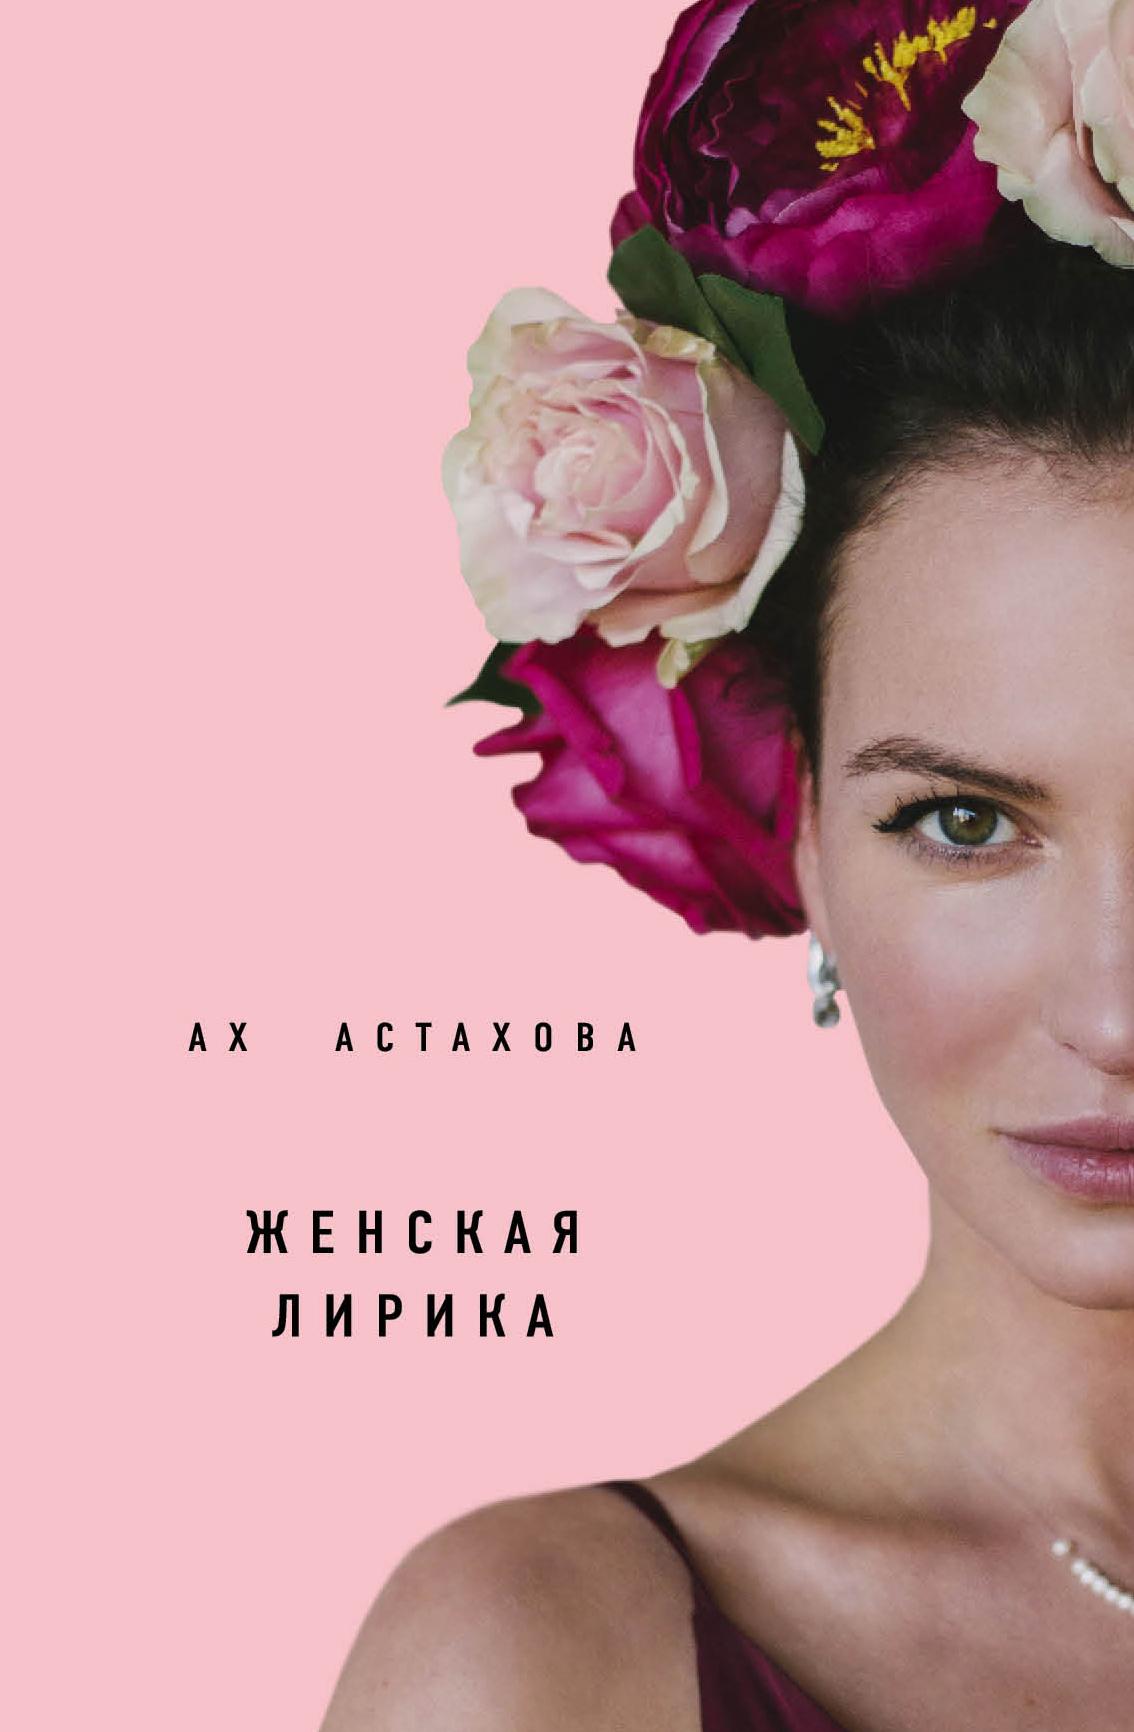 Ах Астахова Женская лирика астахова а ах астахова мужская и женская лирика